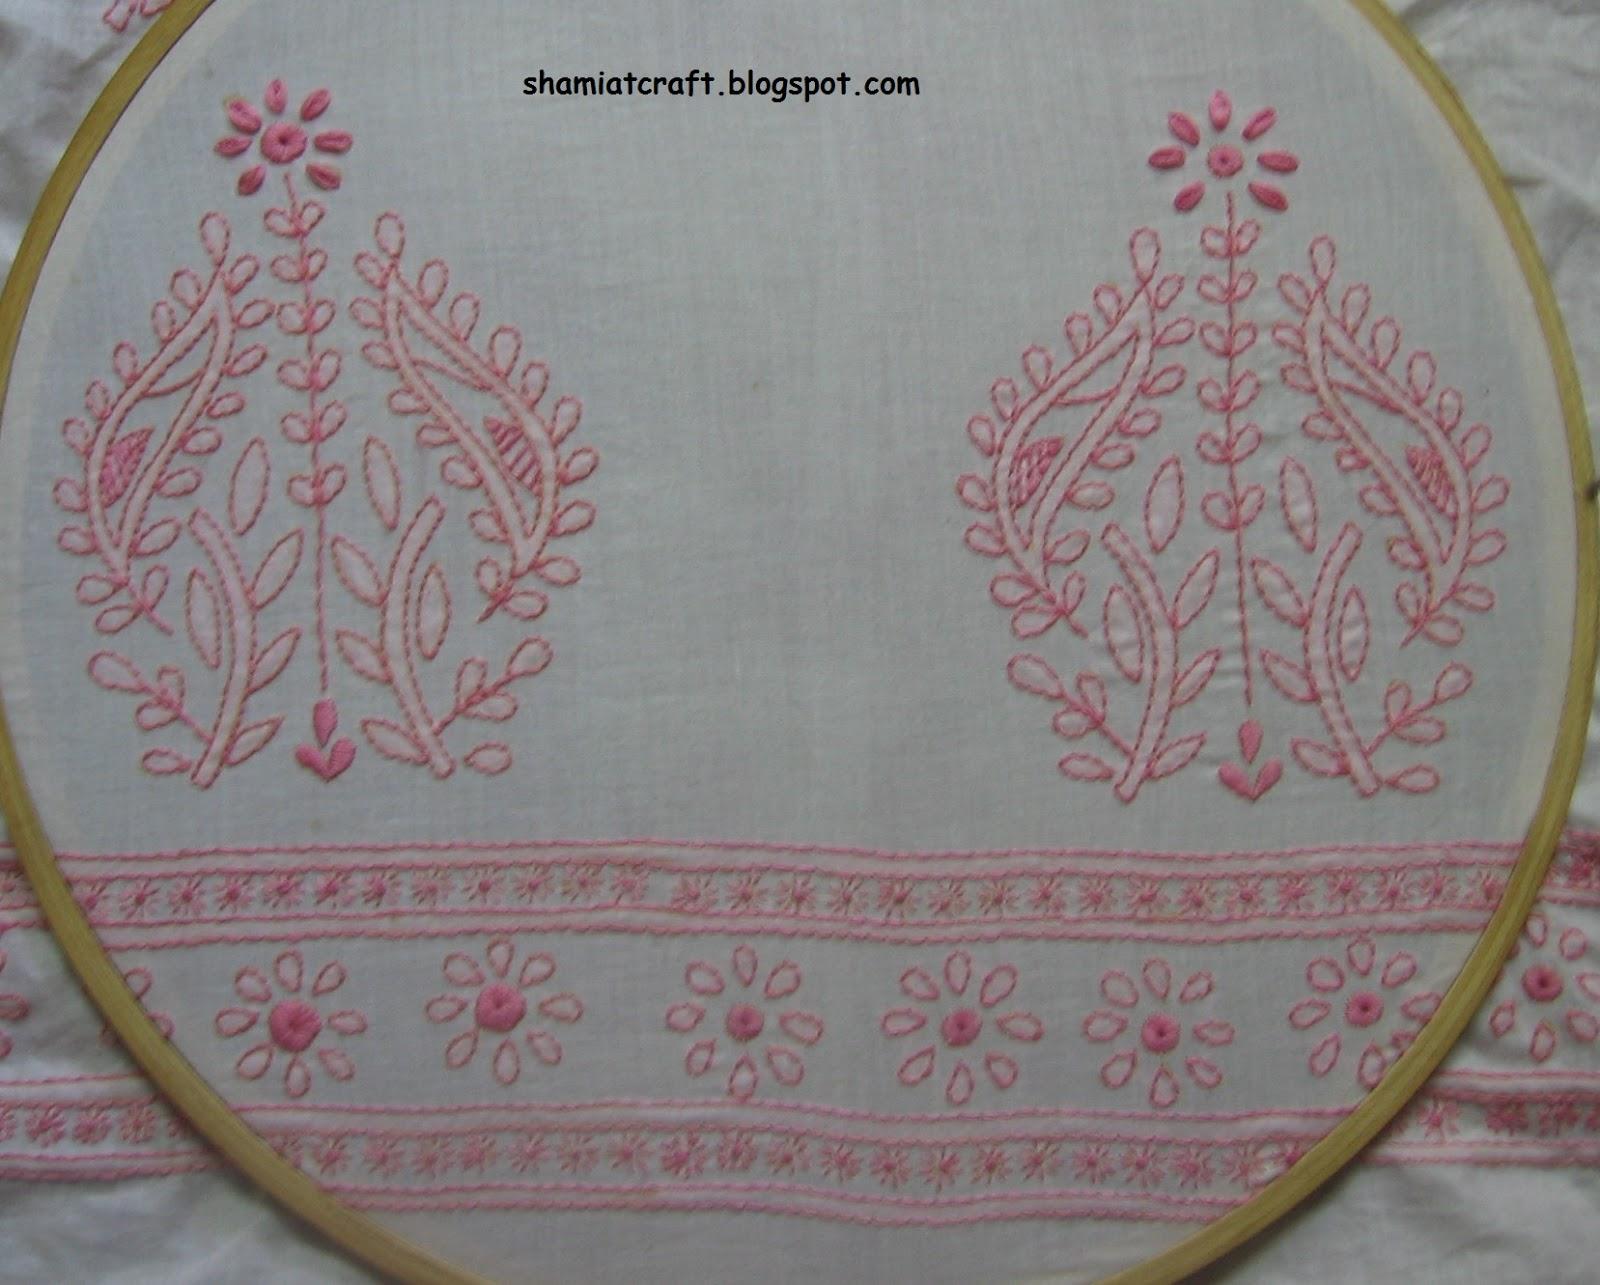 My Craft Works Chikankari Design